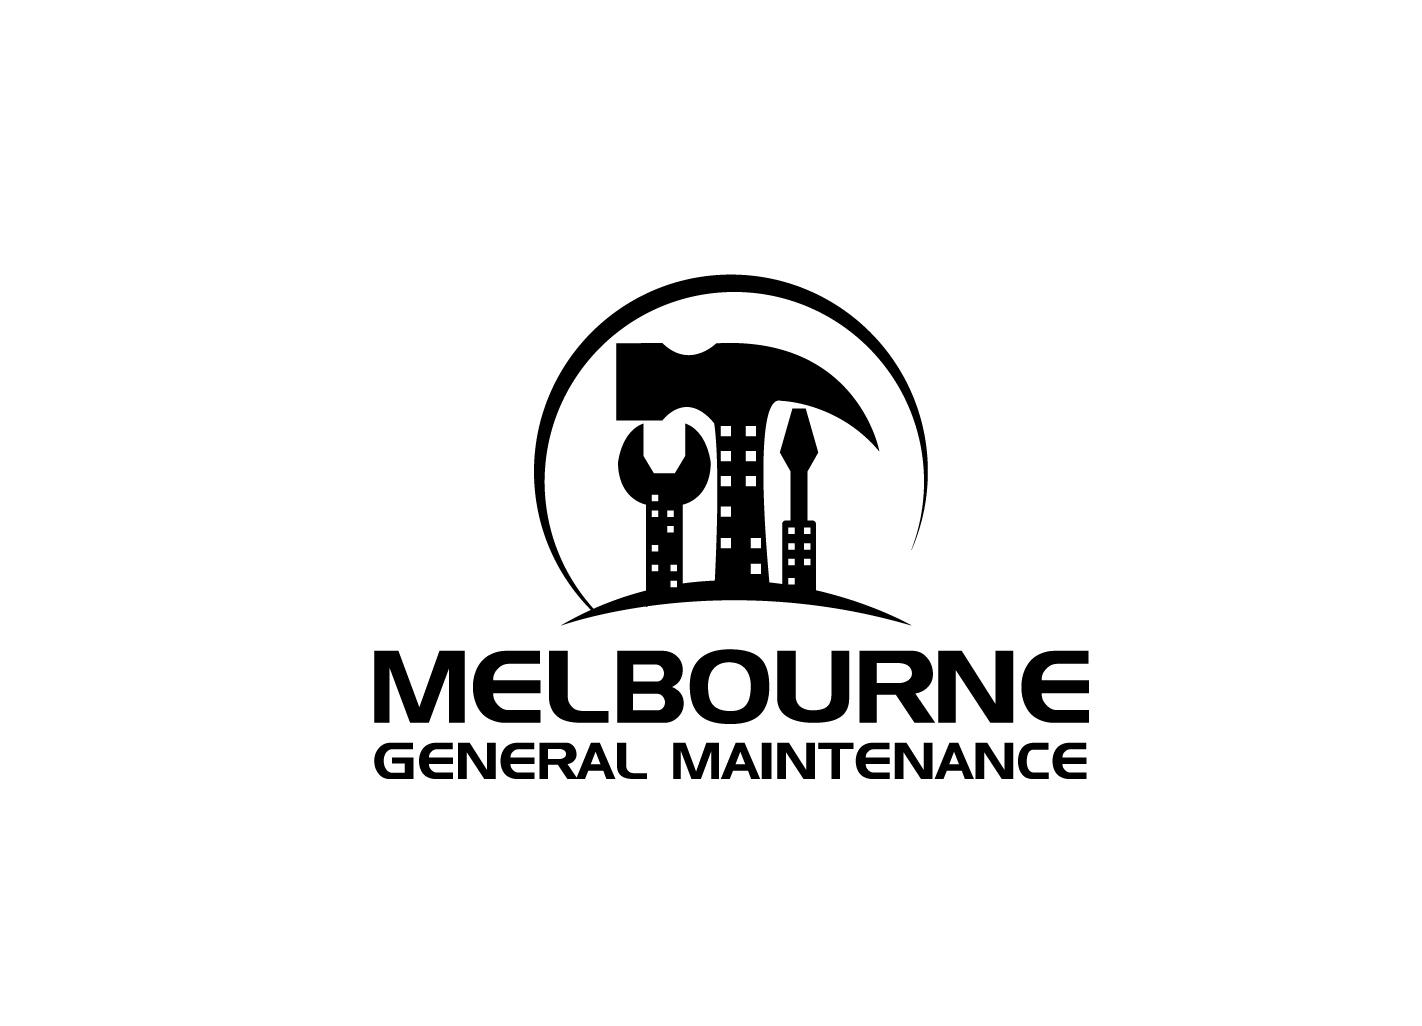 Logo Inspiration For Web Design Company